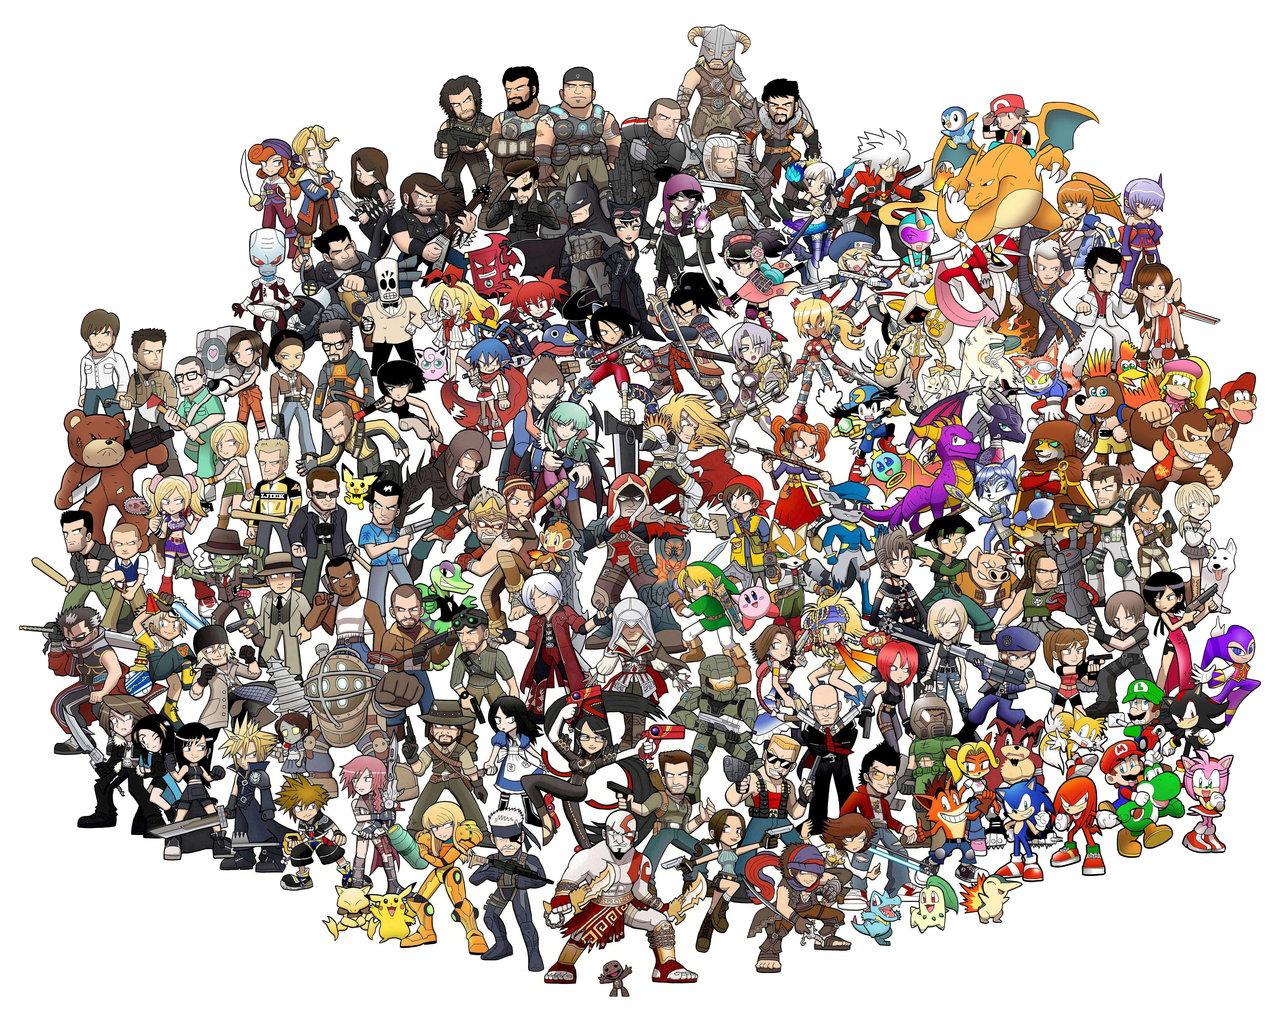 Une école de jeu vidéo : le début d'une carrière